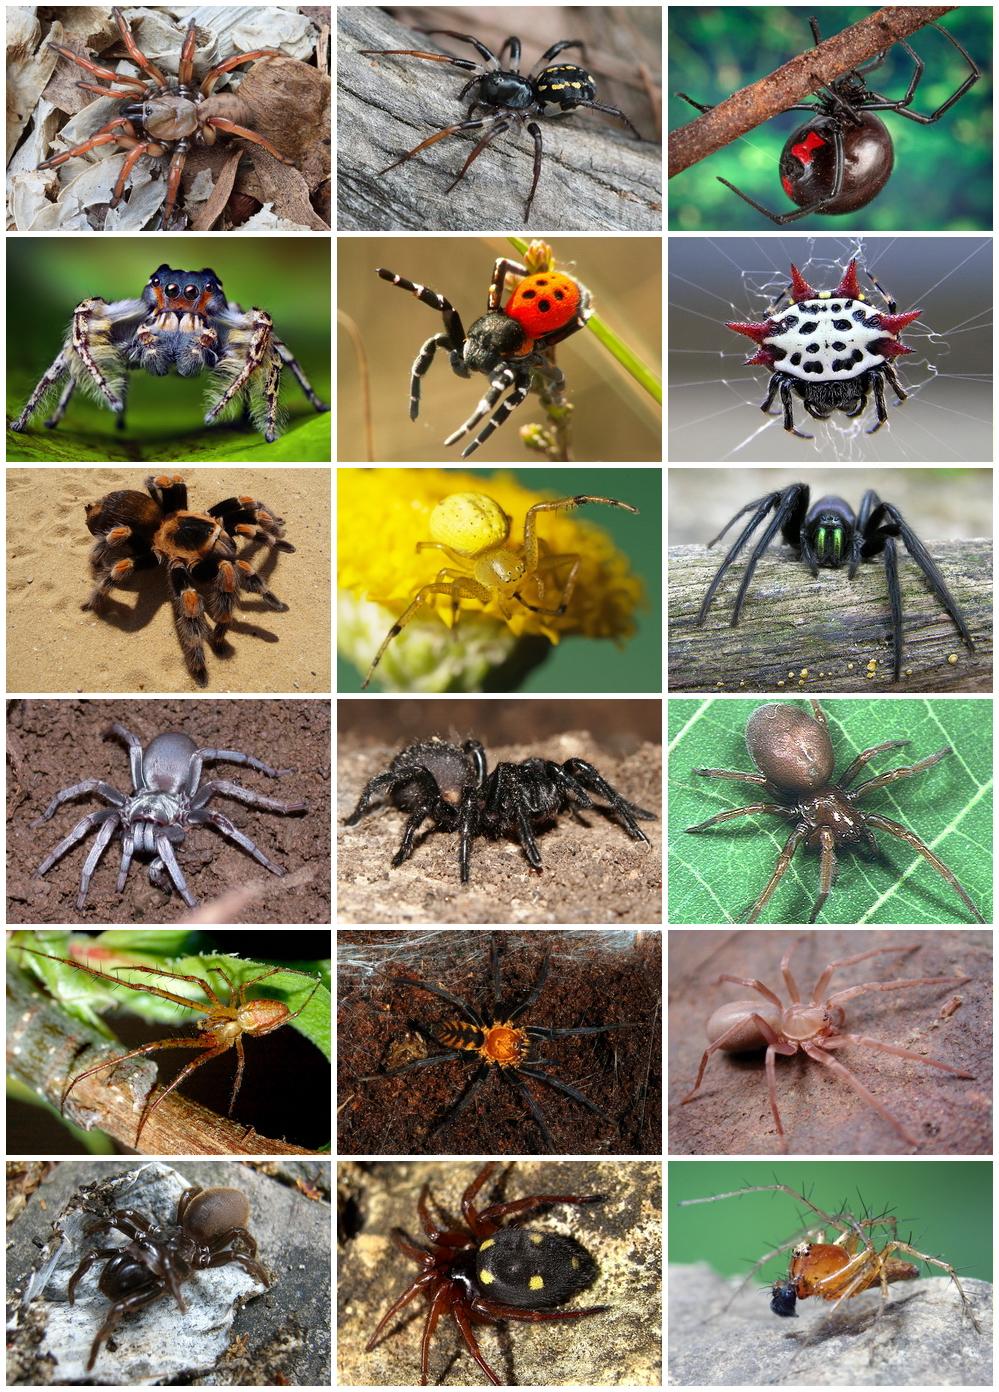 păianjeni prădători și paraziți